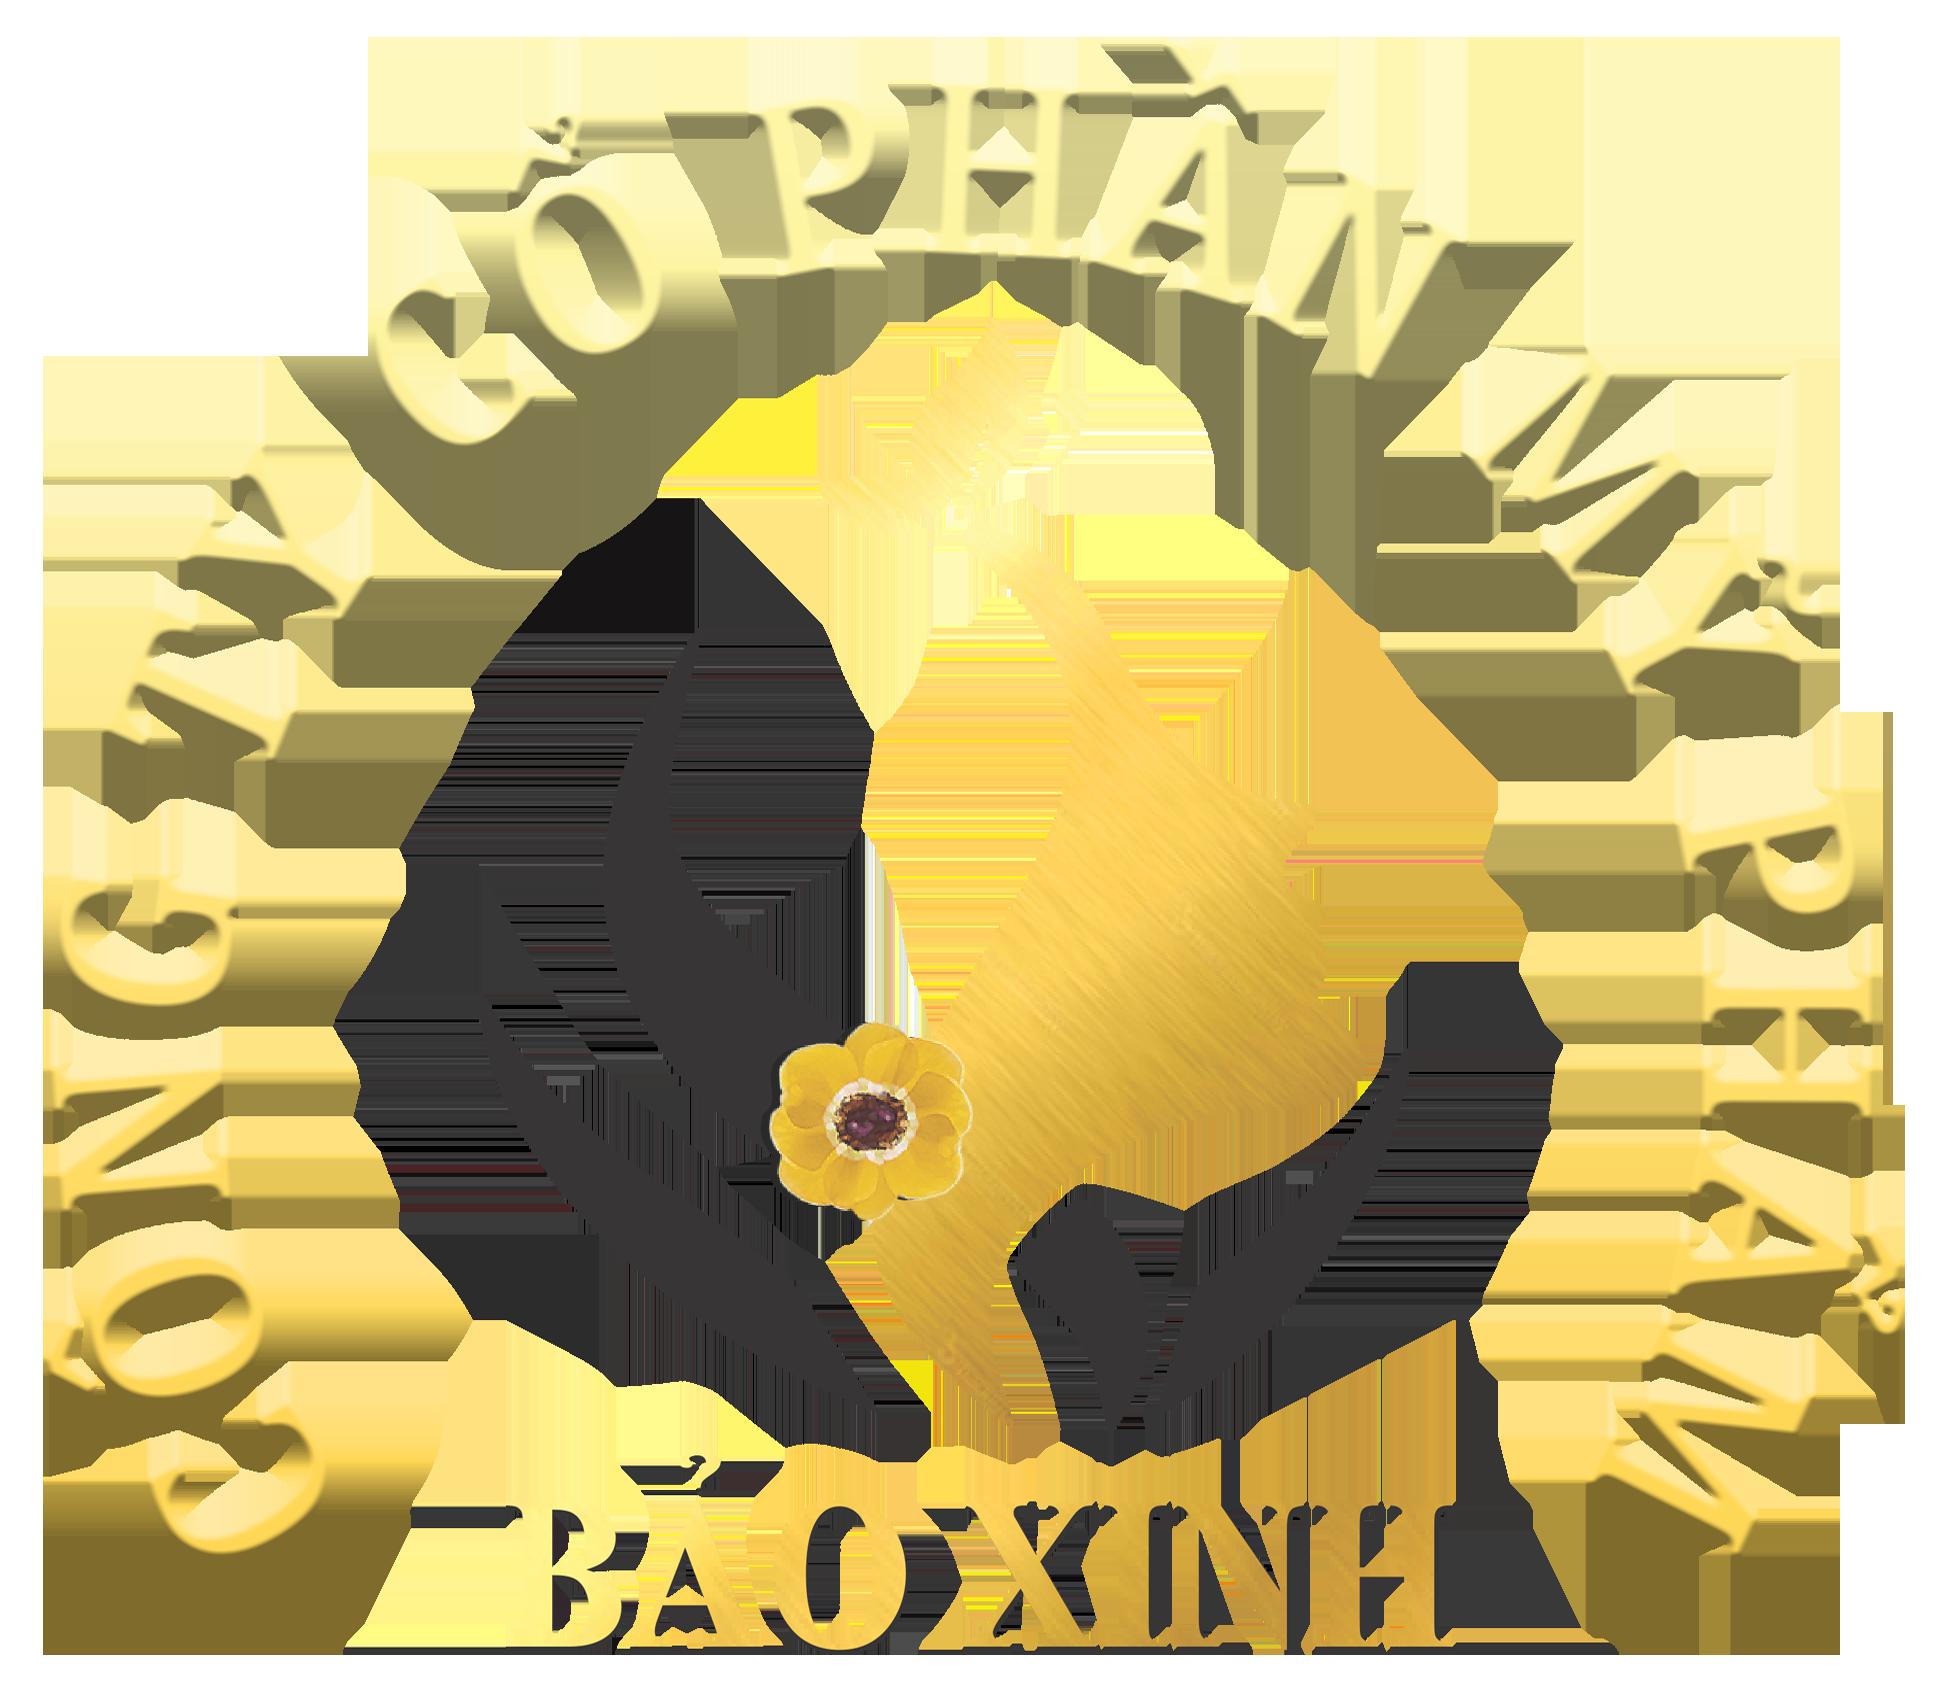 Mỹ Phẩm Bảo Xinh